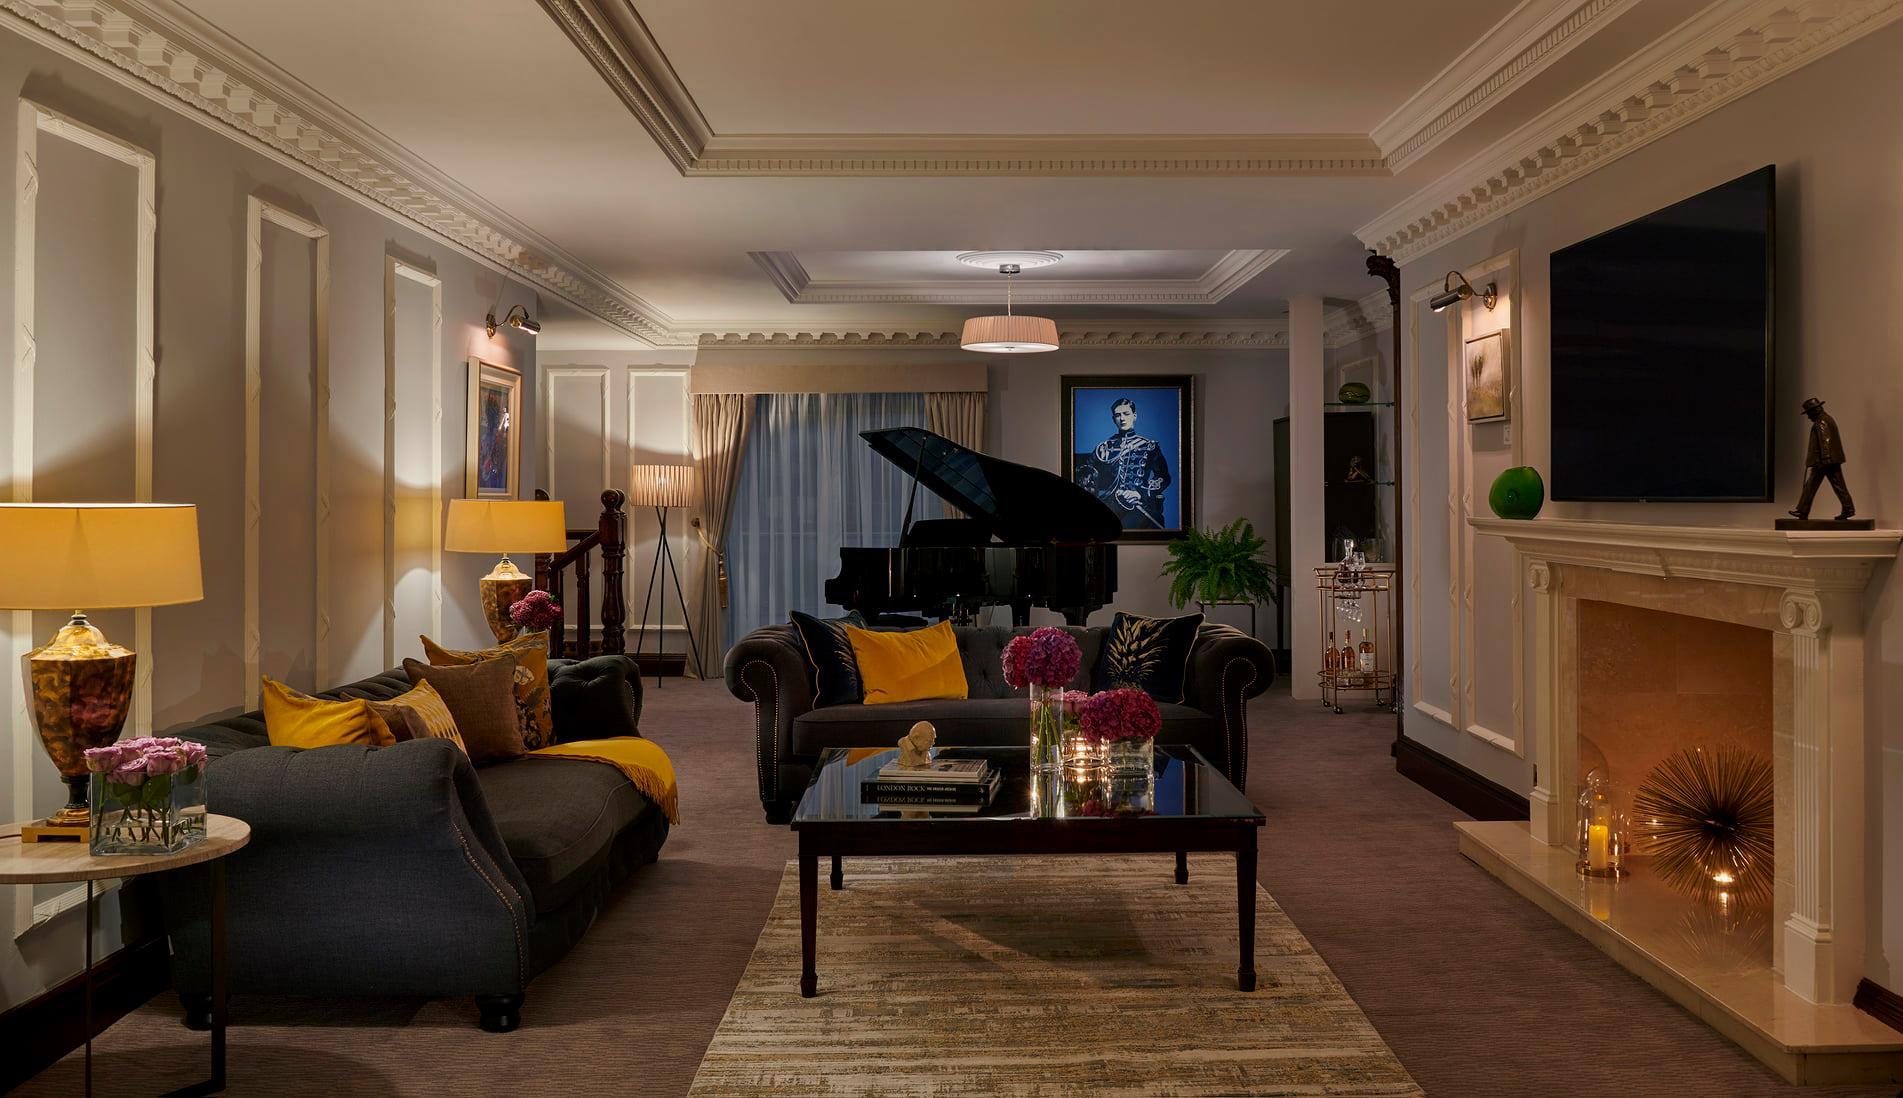 Hyatt Regency London The Churchill - The Churchill Residential Suite (NEW)